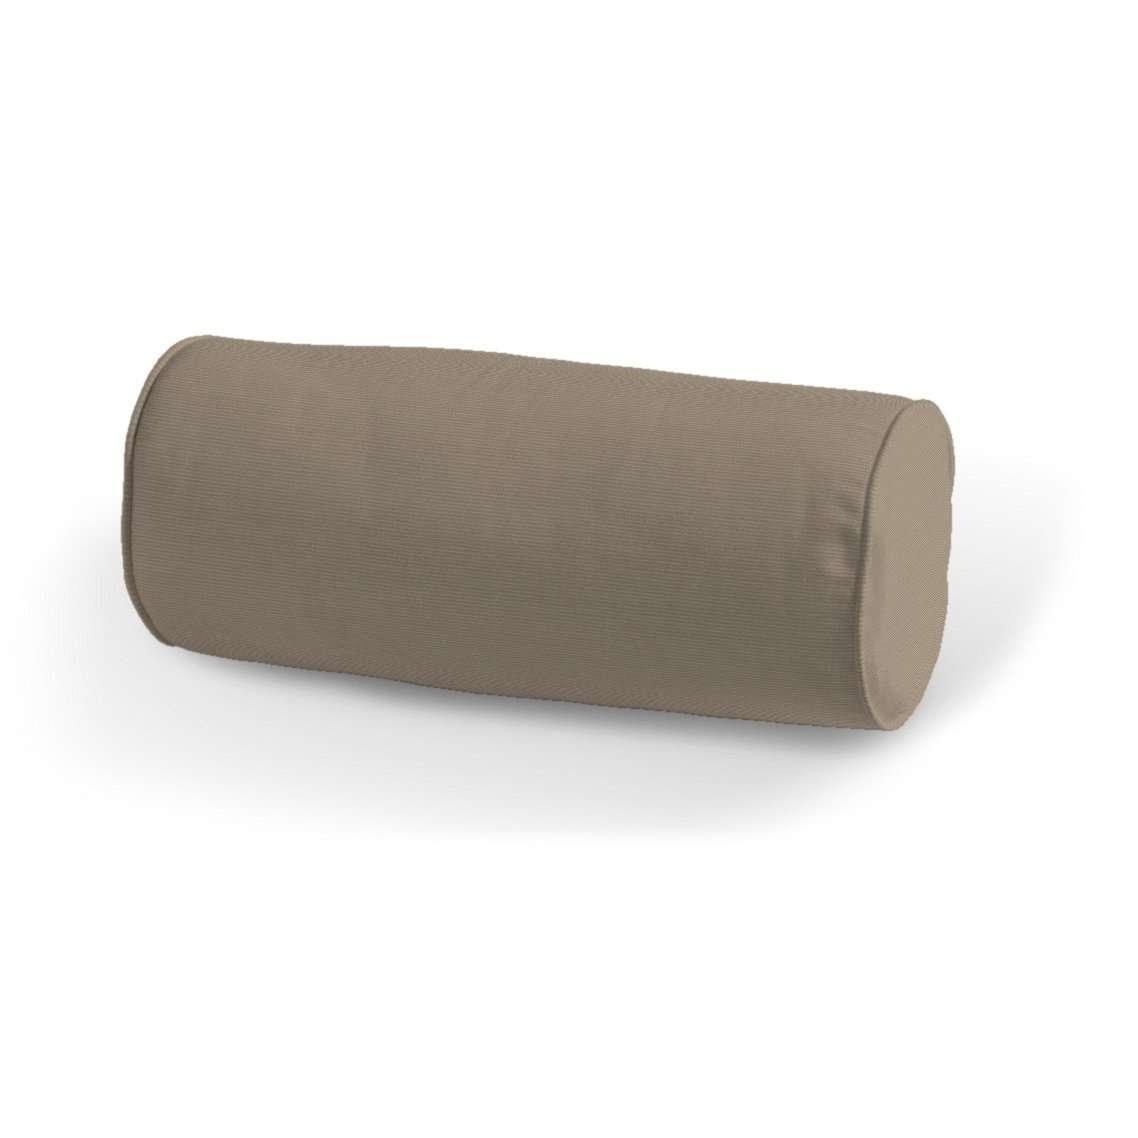 Ritinio formos  pagalvėlė Ø 16 x 40 cm (6 x 16 inch) kolekcijoje Cotton Panama, audinys: 702-28